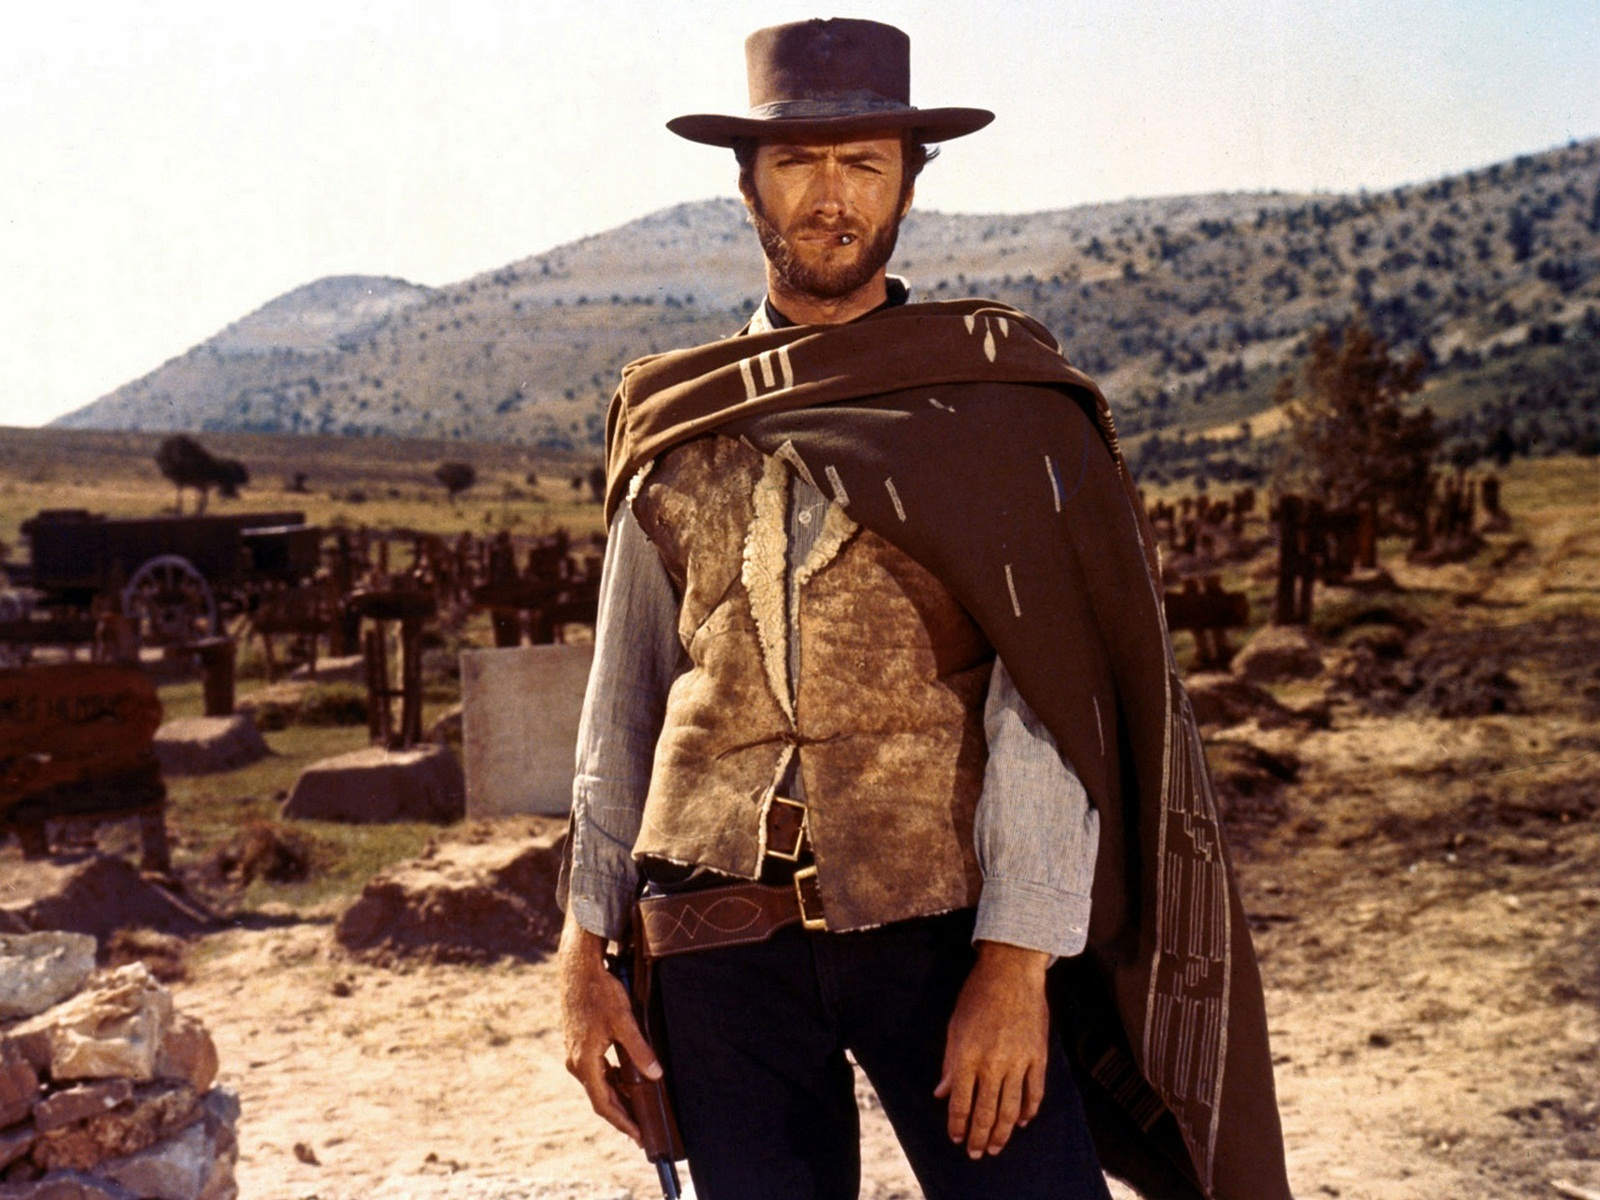 Berühmte Personen - Clint Eastwood  Hintergrundbild